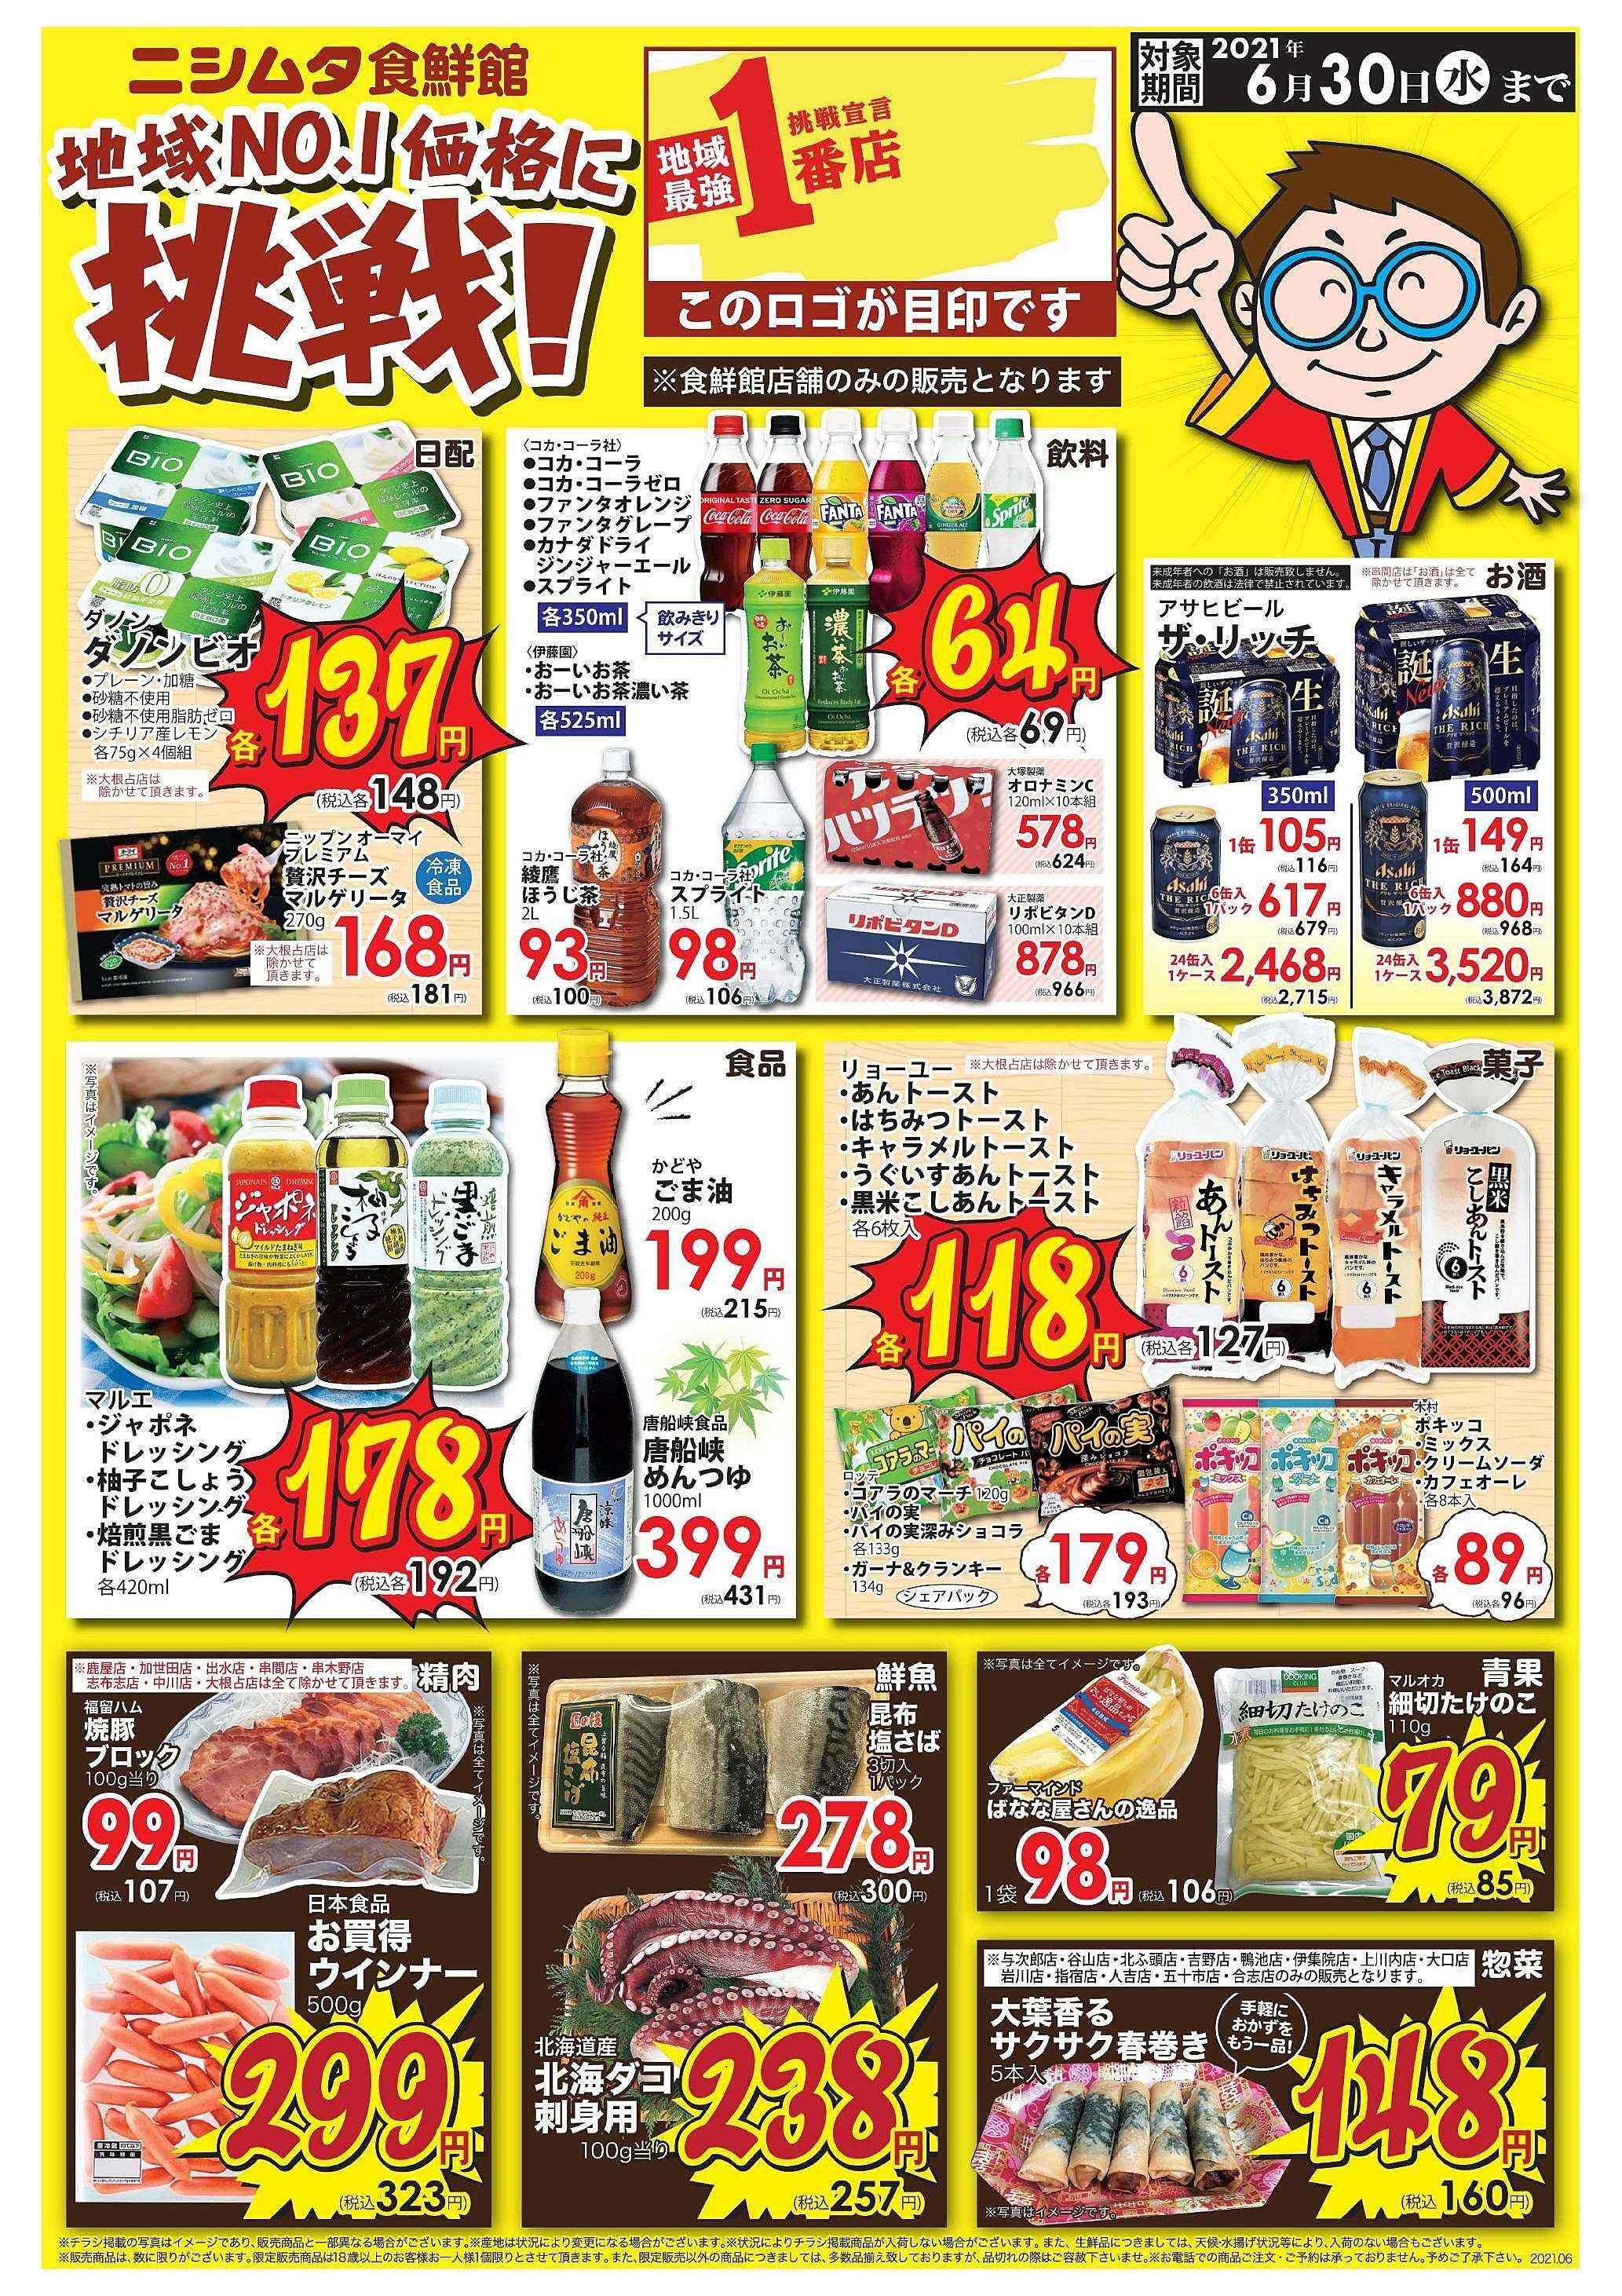 ニシムタ 地域No.1価格に挑戦!